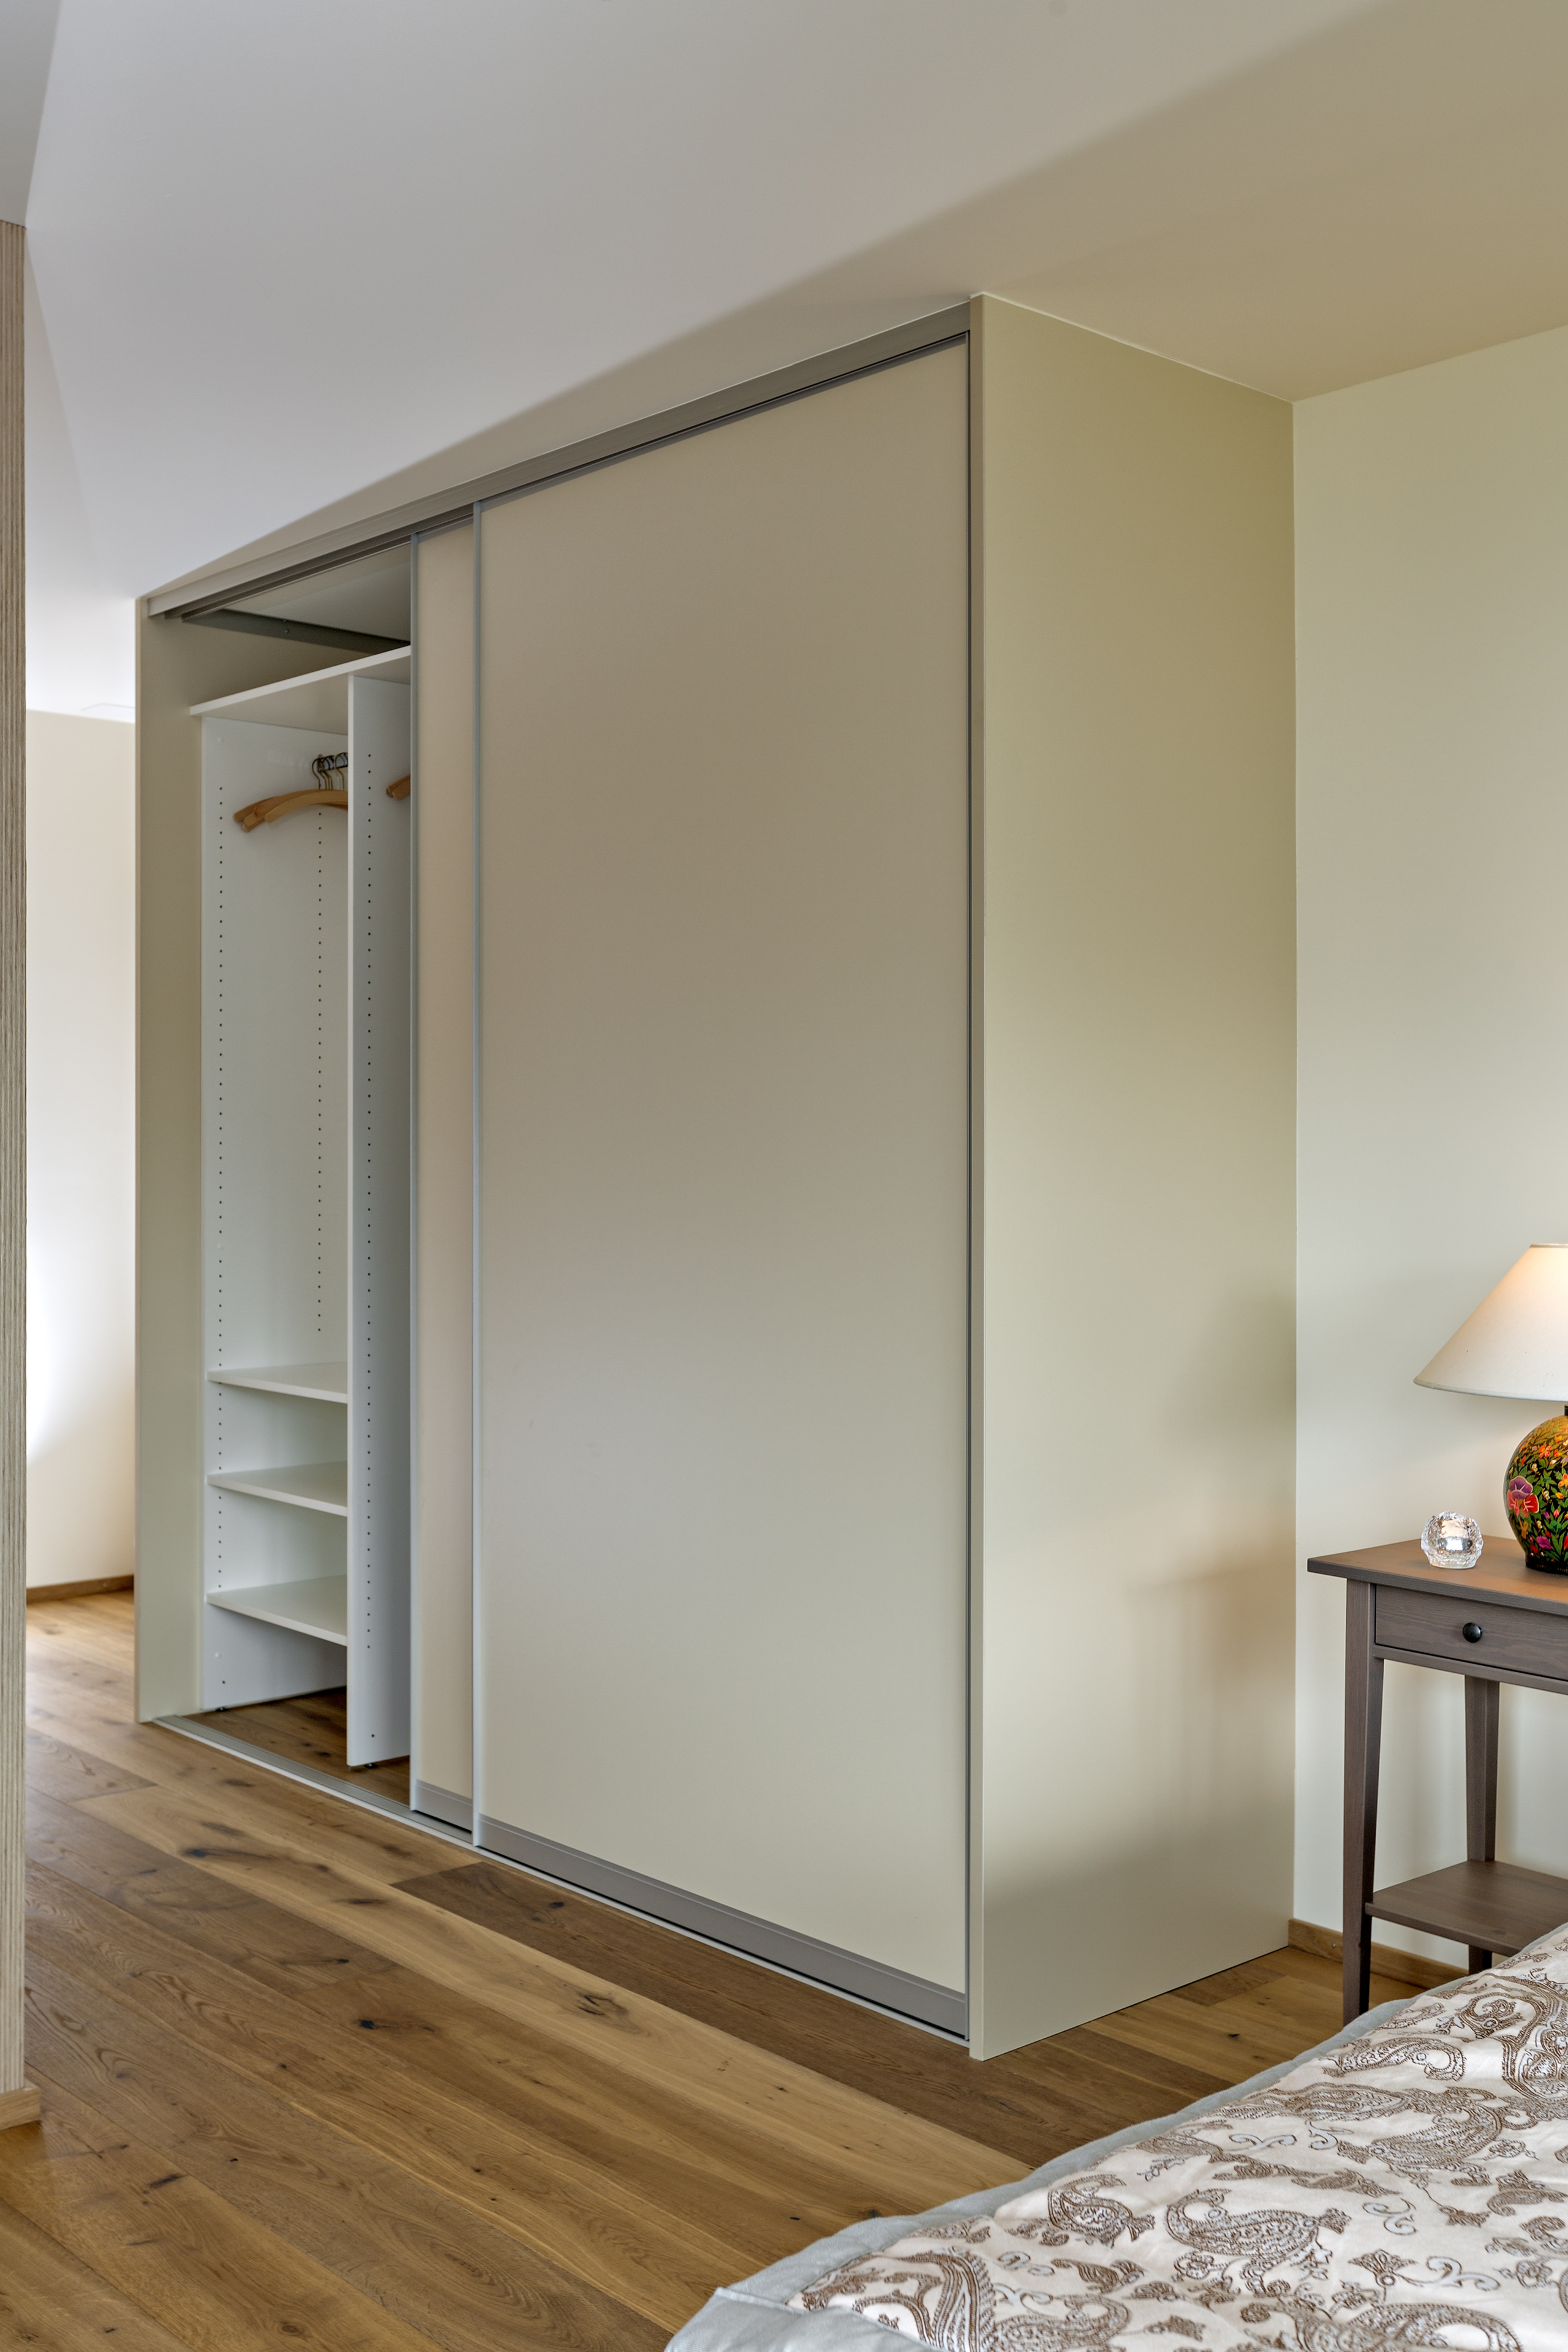 schiebet rschrank im g stezimmer mit minik che auf zu. Black Bedroom Furniture Sets. Home Design Ideas